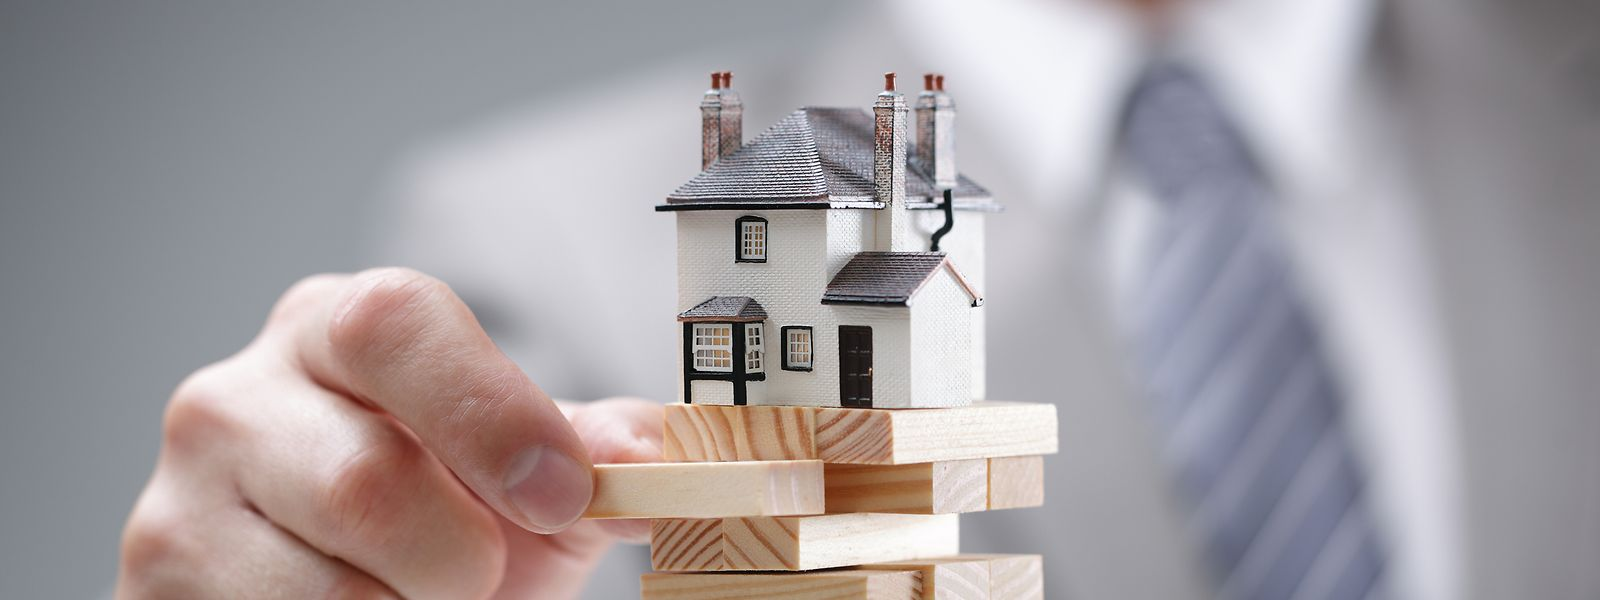 Während der Pandemie sind die Immobilienpreise um 14 Prozent in zwölf Monaten gestiegen.